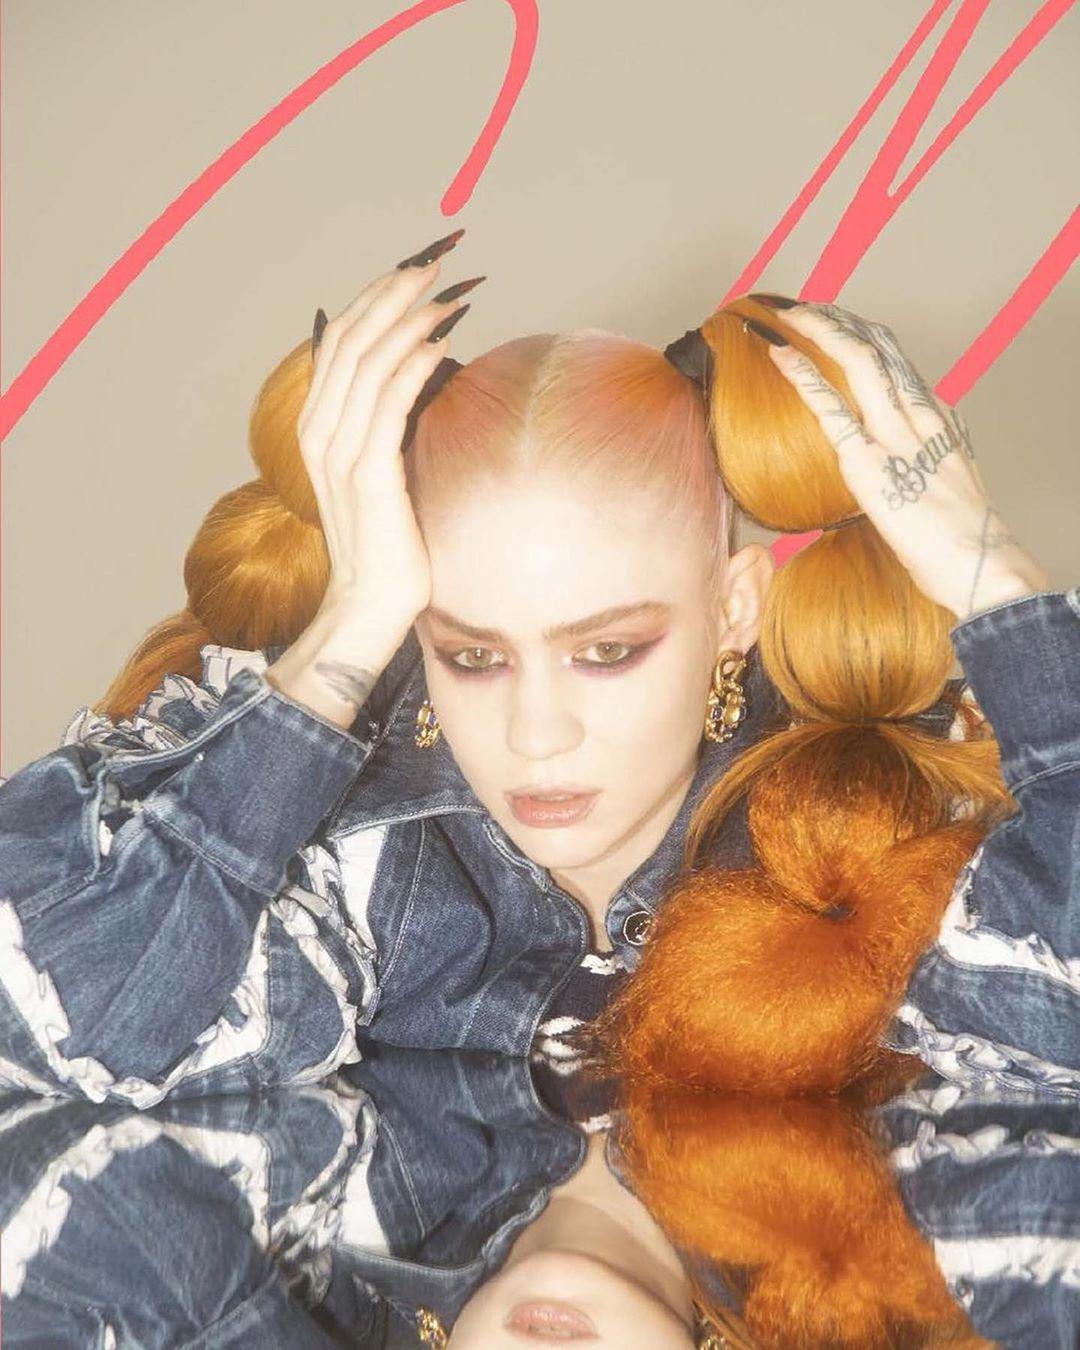 13 lanzamientos recientes que debes escuchar: Grimes + Radiohead + Allie X y más